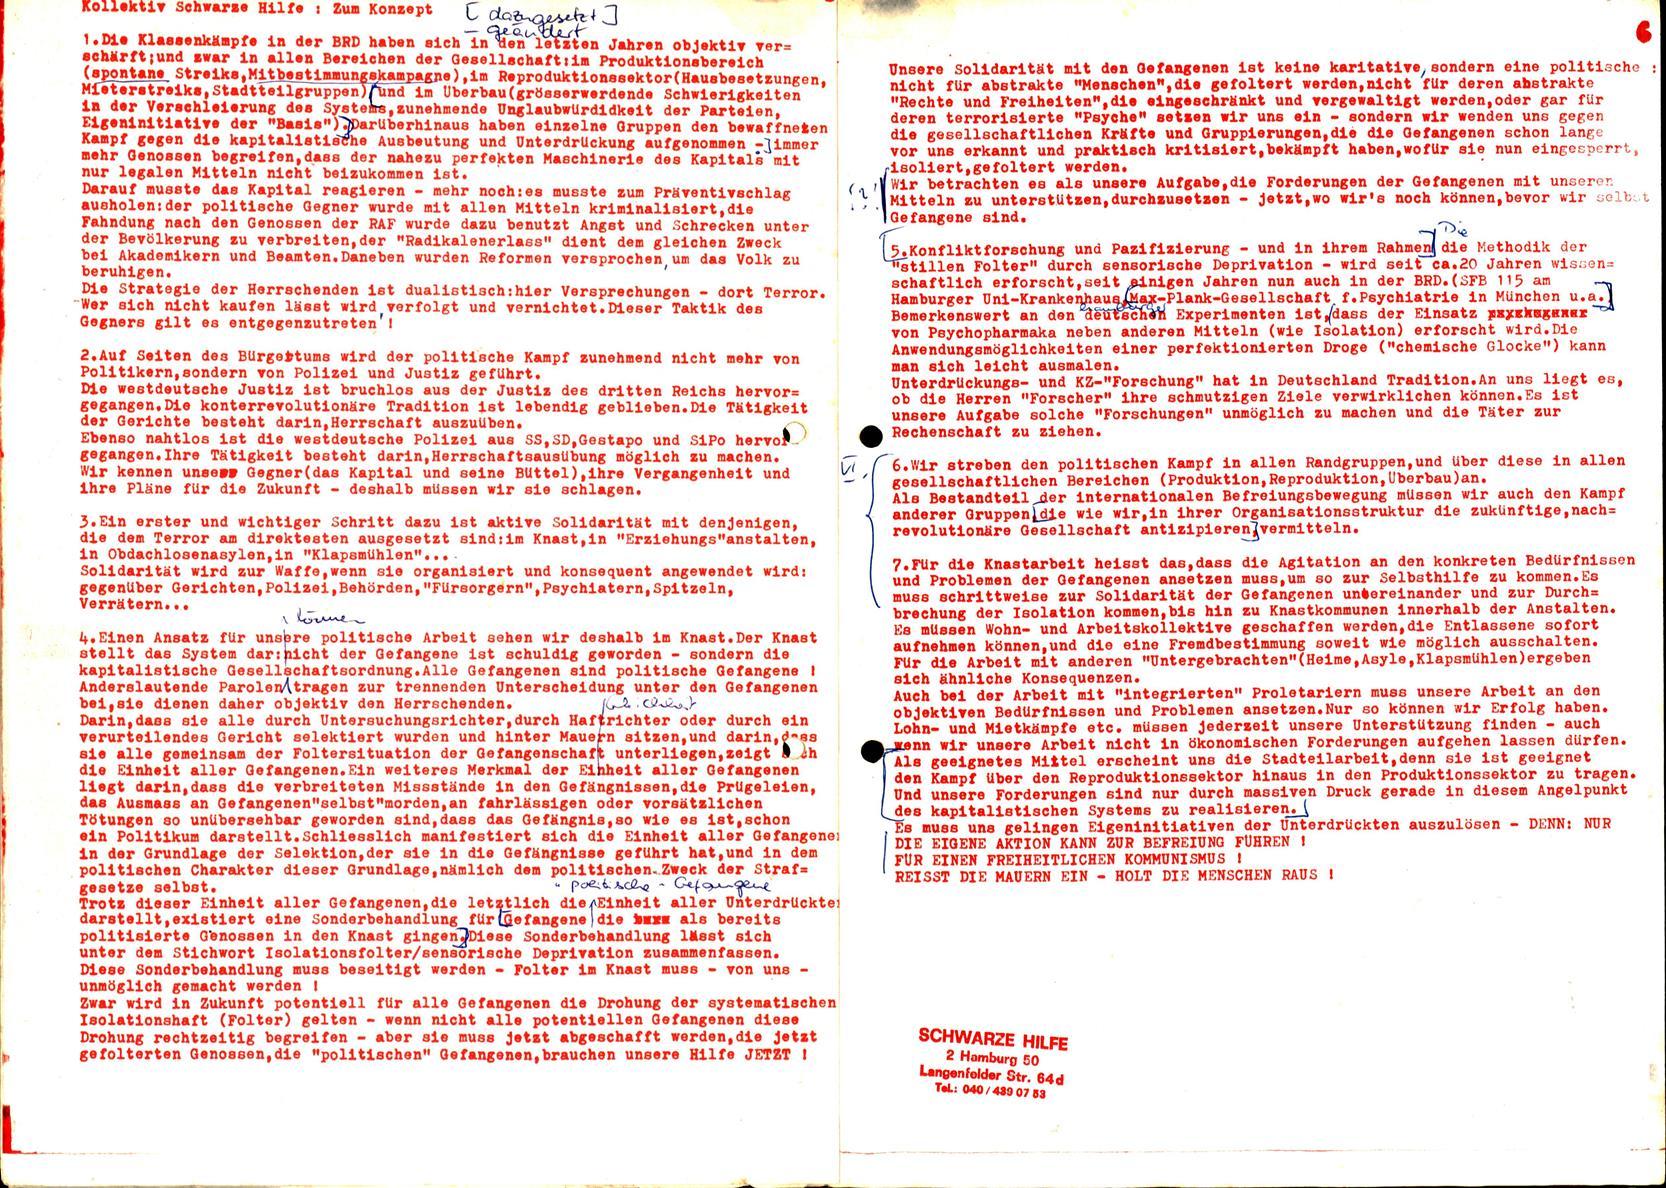 Rote_Hilfe_Info_der_RH_SK_SH_Gruppen_1974_01_04